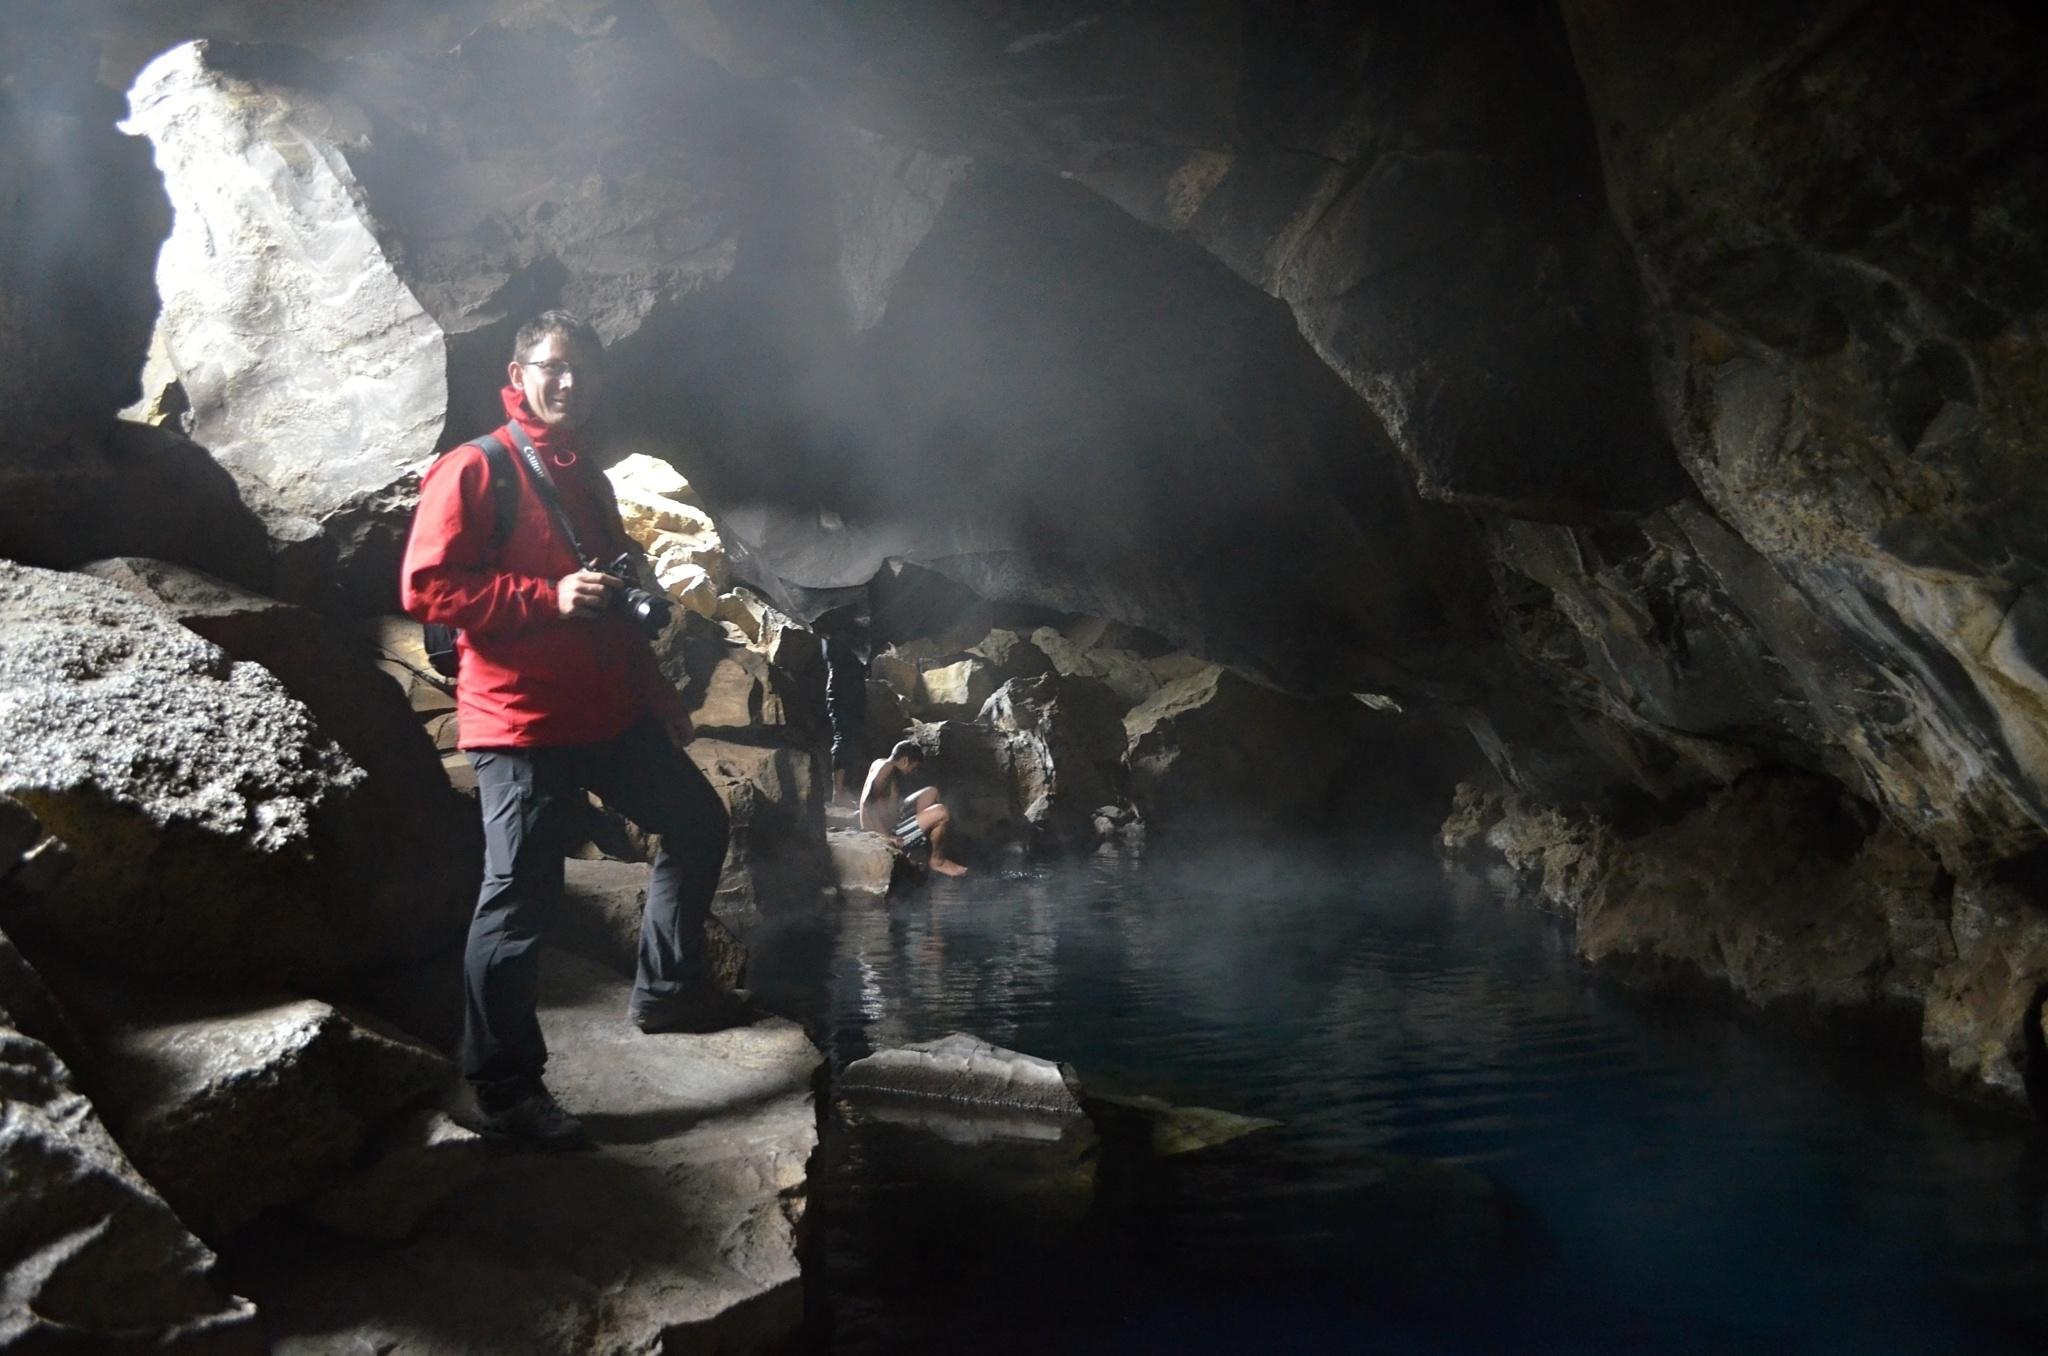 Fotíme se v zatopené puklině Grjótagjá